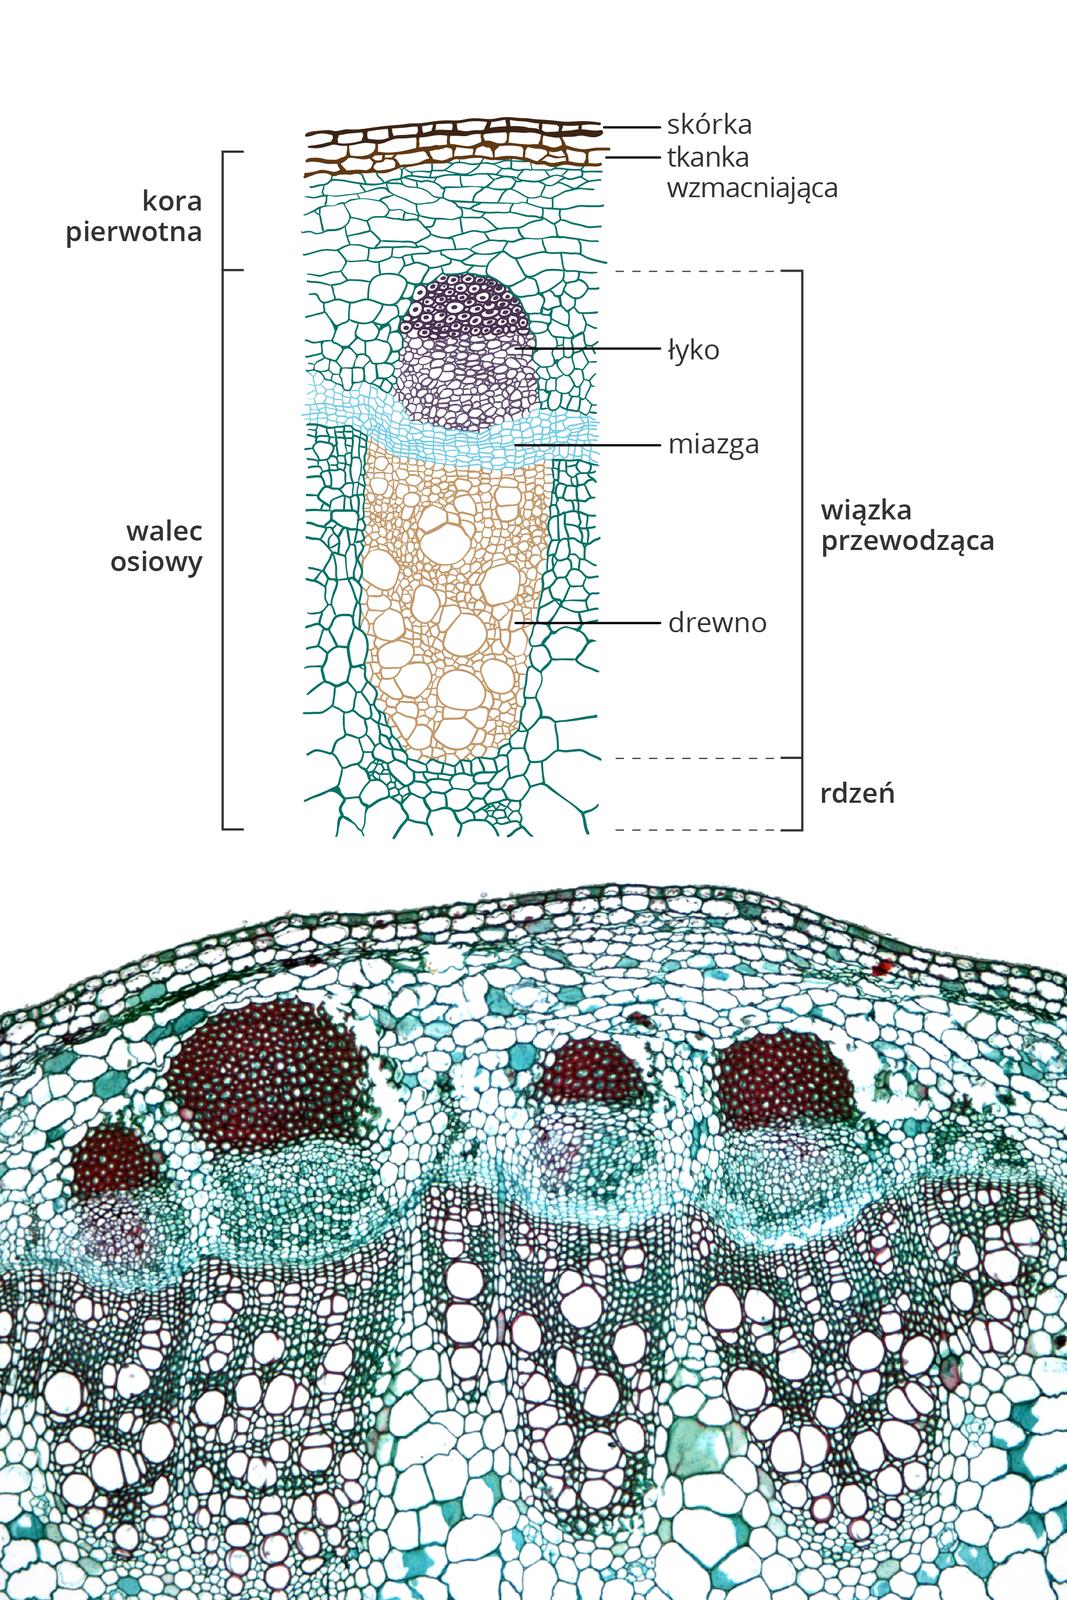 Ilustracja przedstawia wpołowie fotografię, wpołowie rysunek tkanek na przekroju poprzecznym przez łodygę rośliny dwuliściennej. Tkanki oznaczono różnymi kolorami.